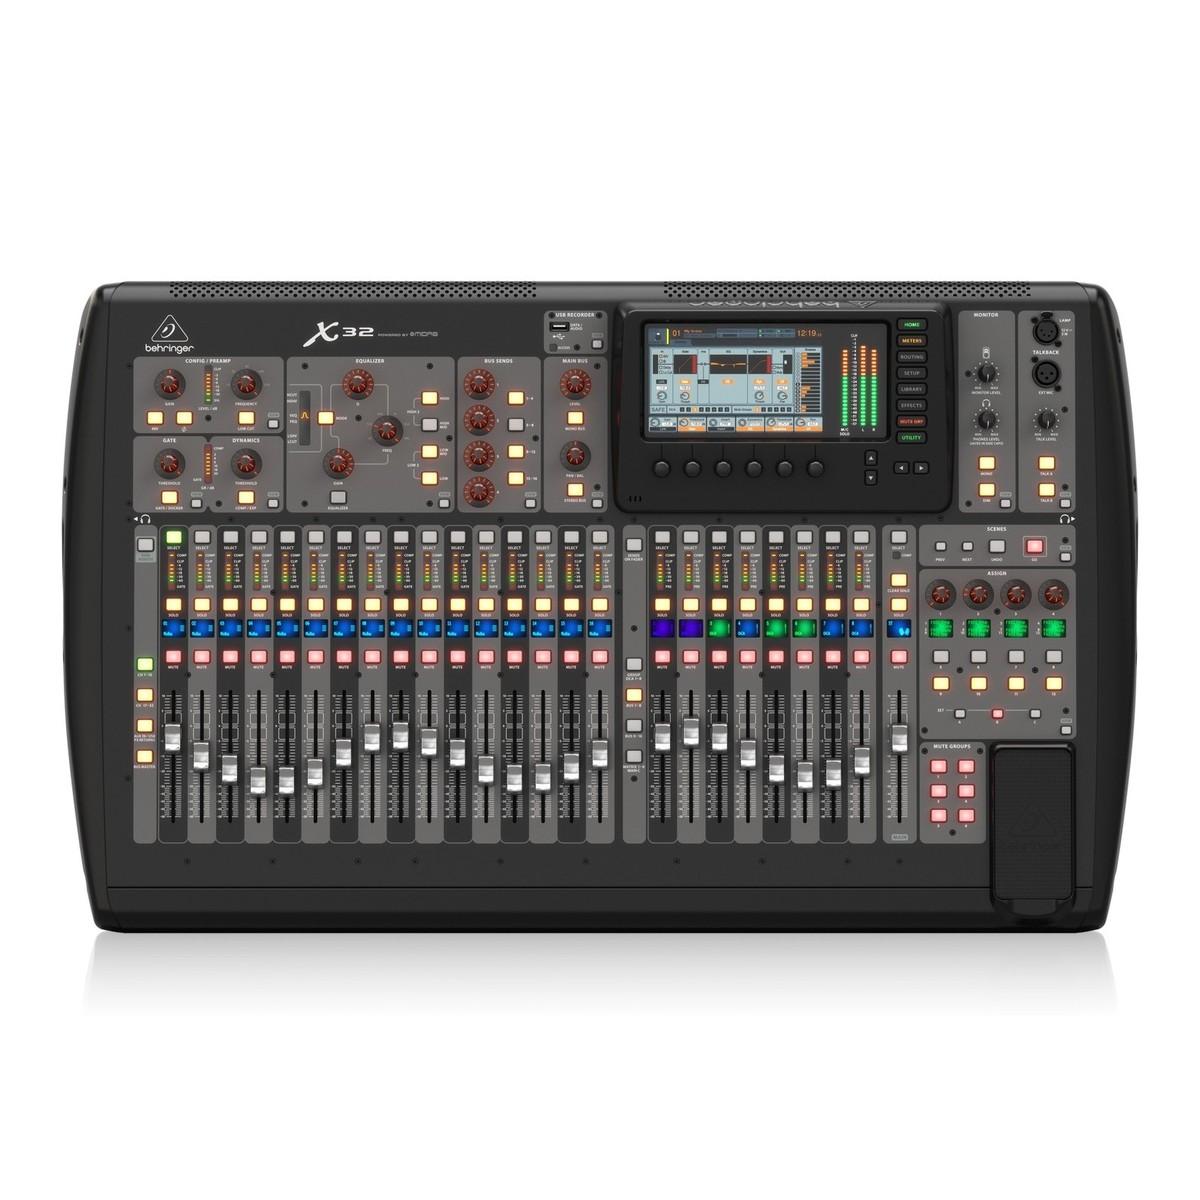 behringer x32 32 channel digital mixer at gear4music. Black Bedroom Furniture Sets. Home Design Ideas